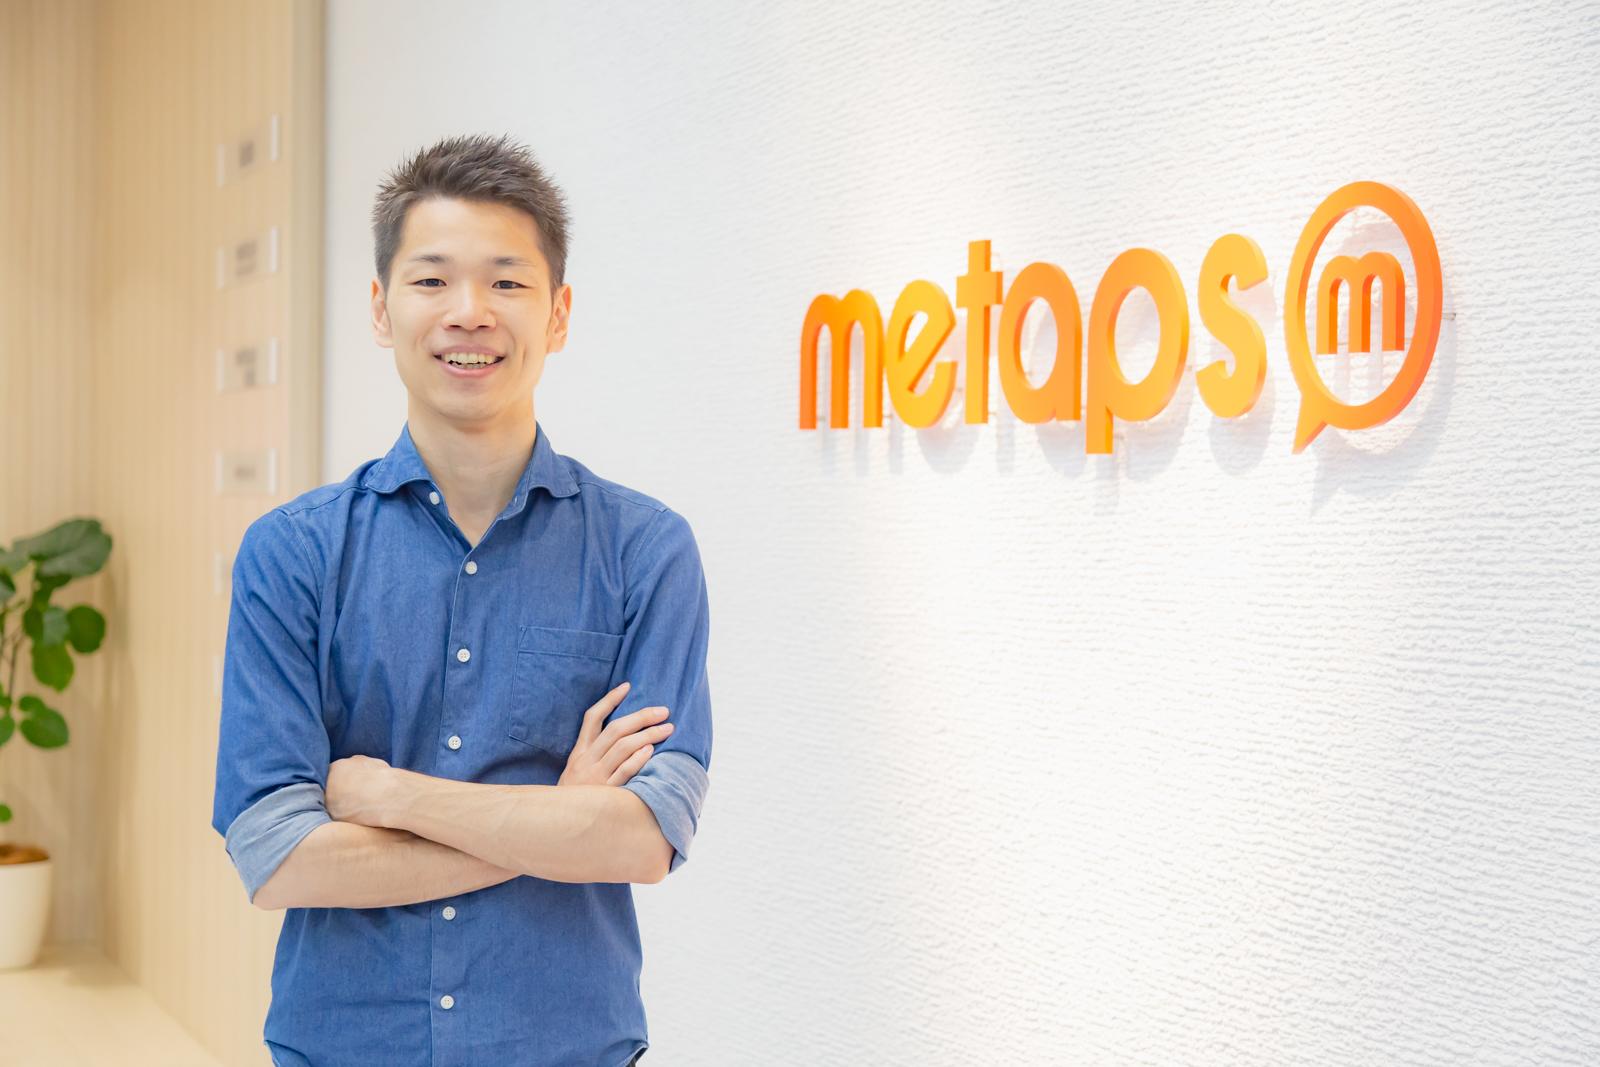 metaps_interview_image_6